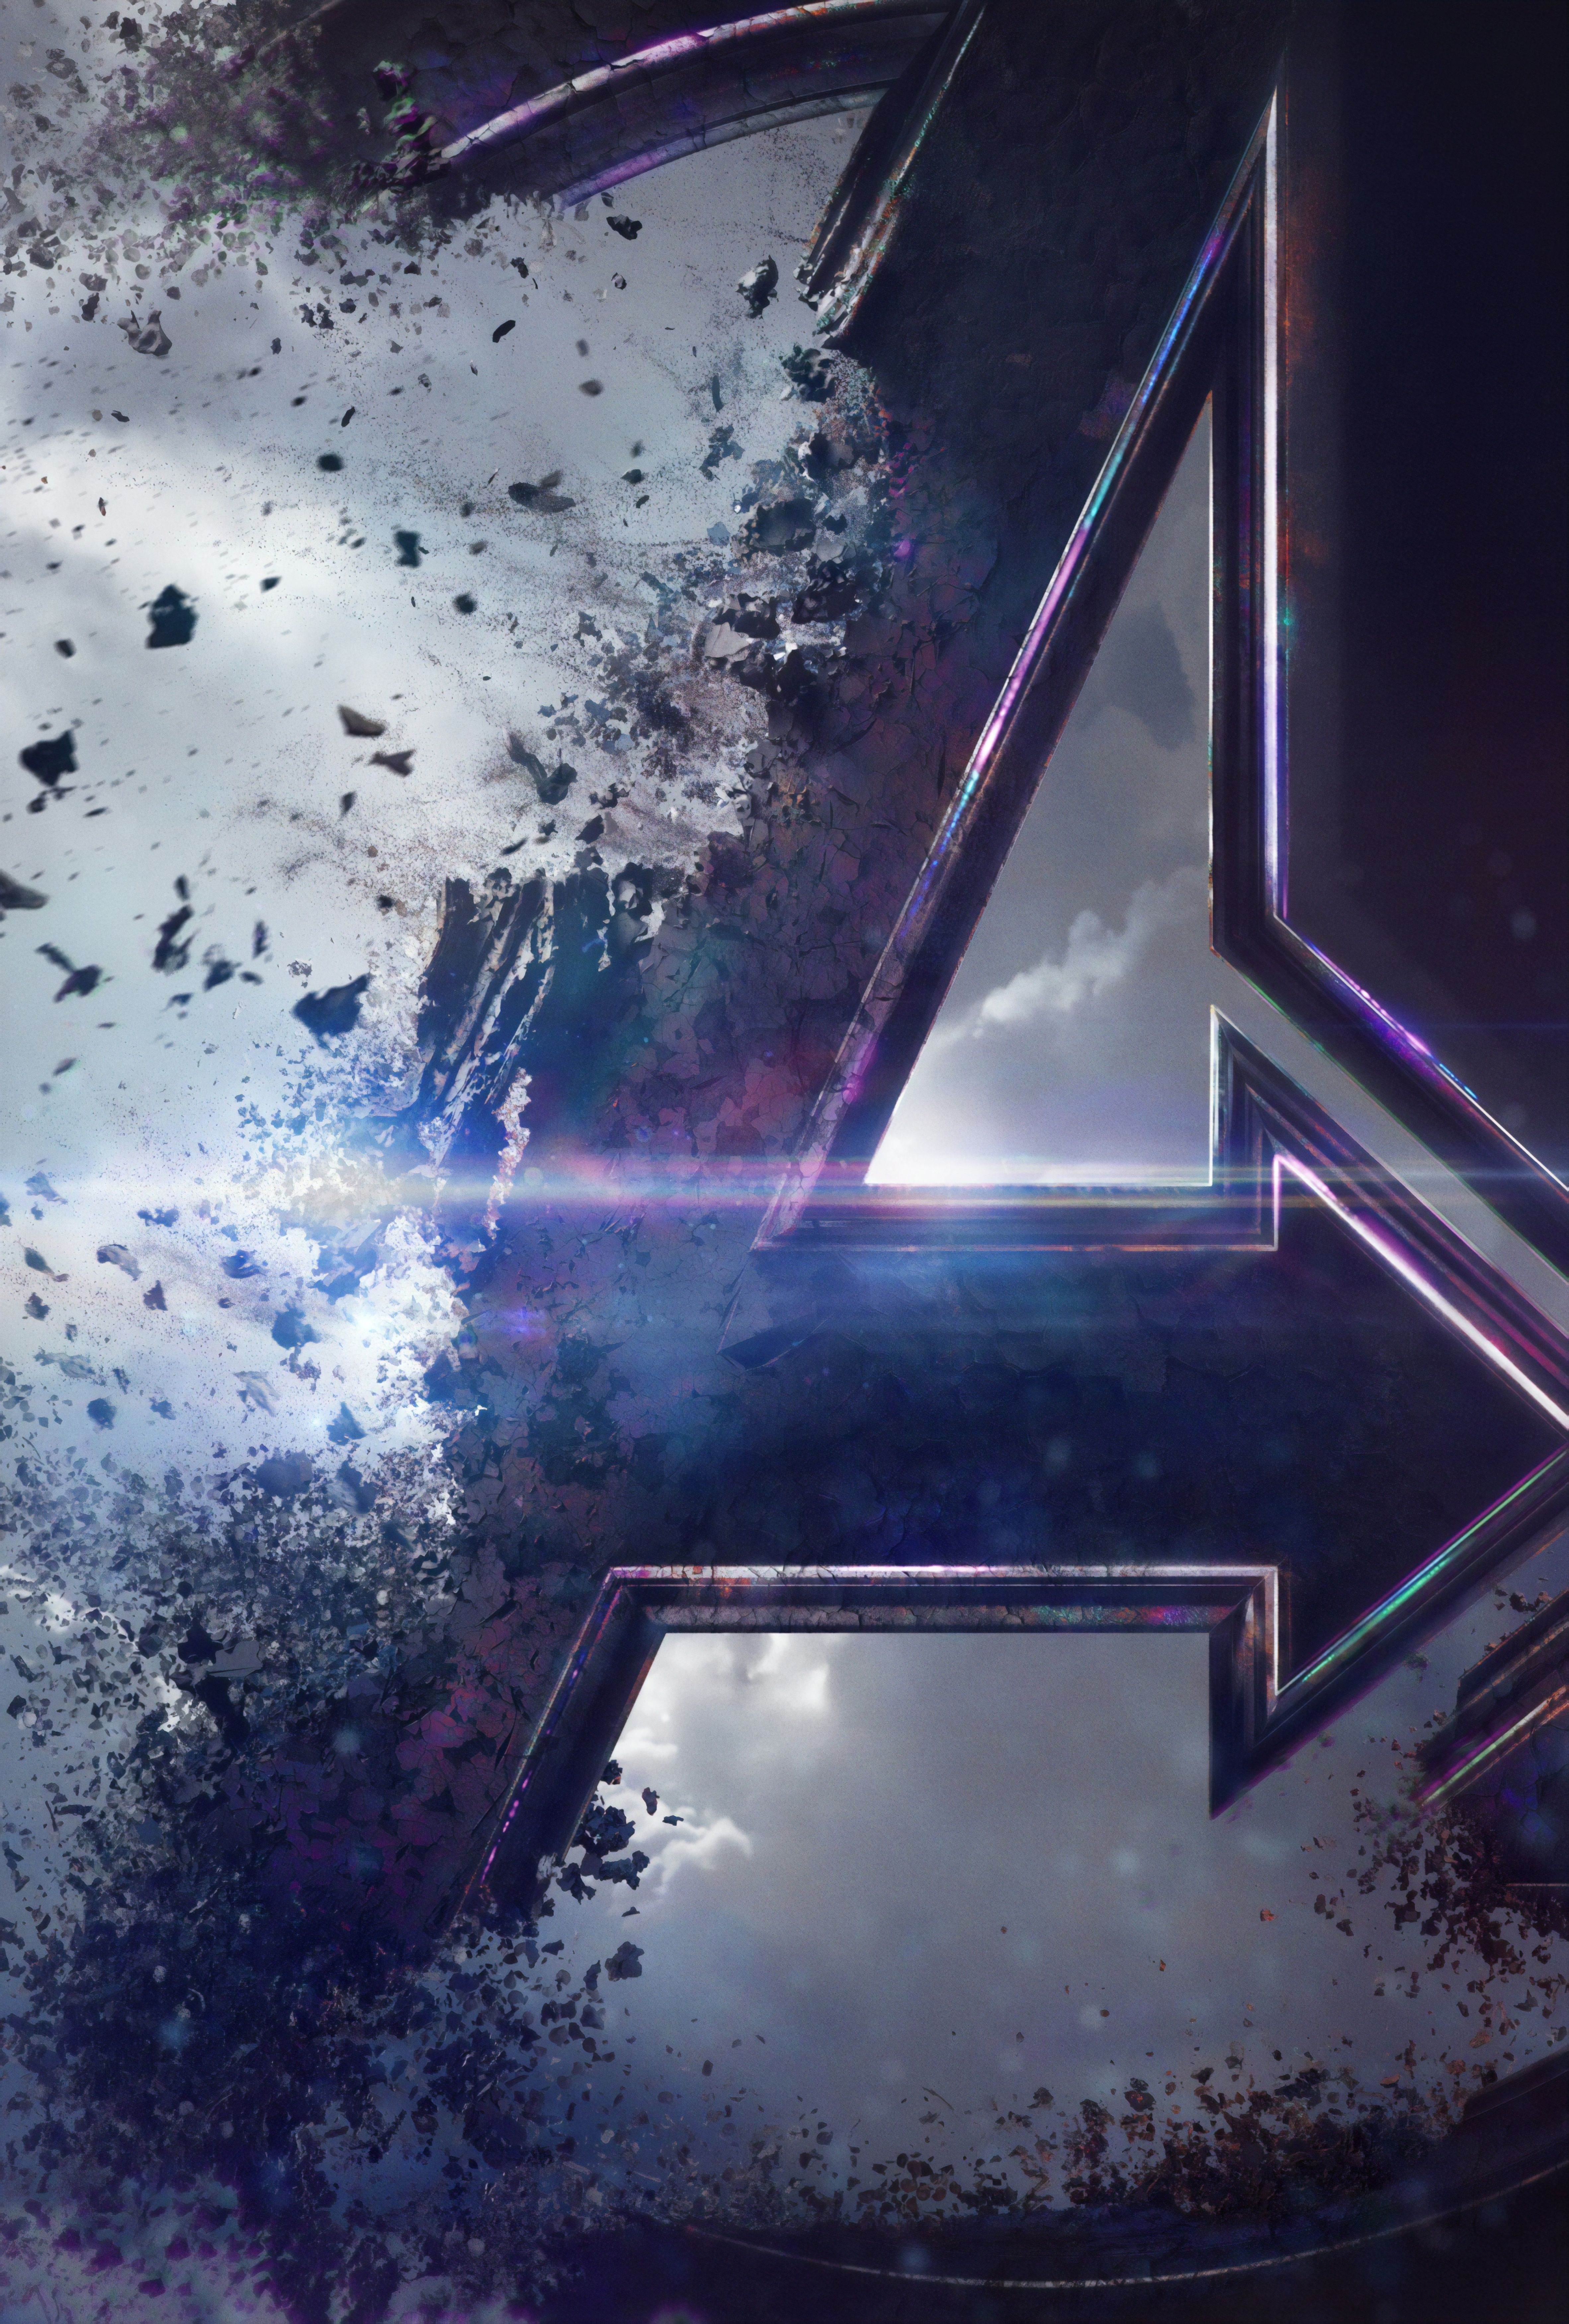 Avengers Endgame Infinitywar Hd 4k アベンジャーズ 壁紙